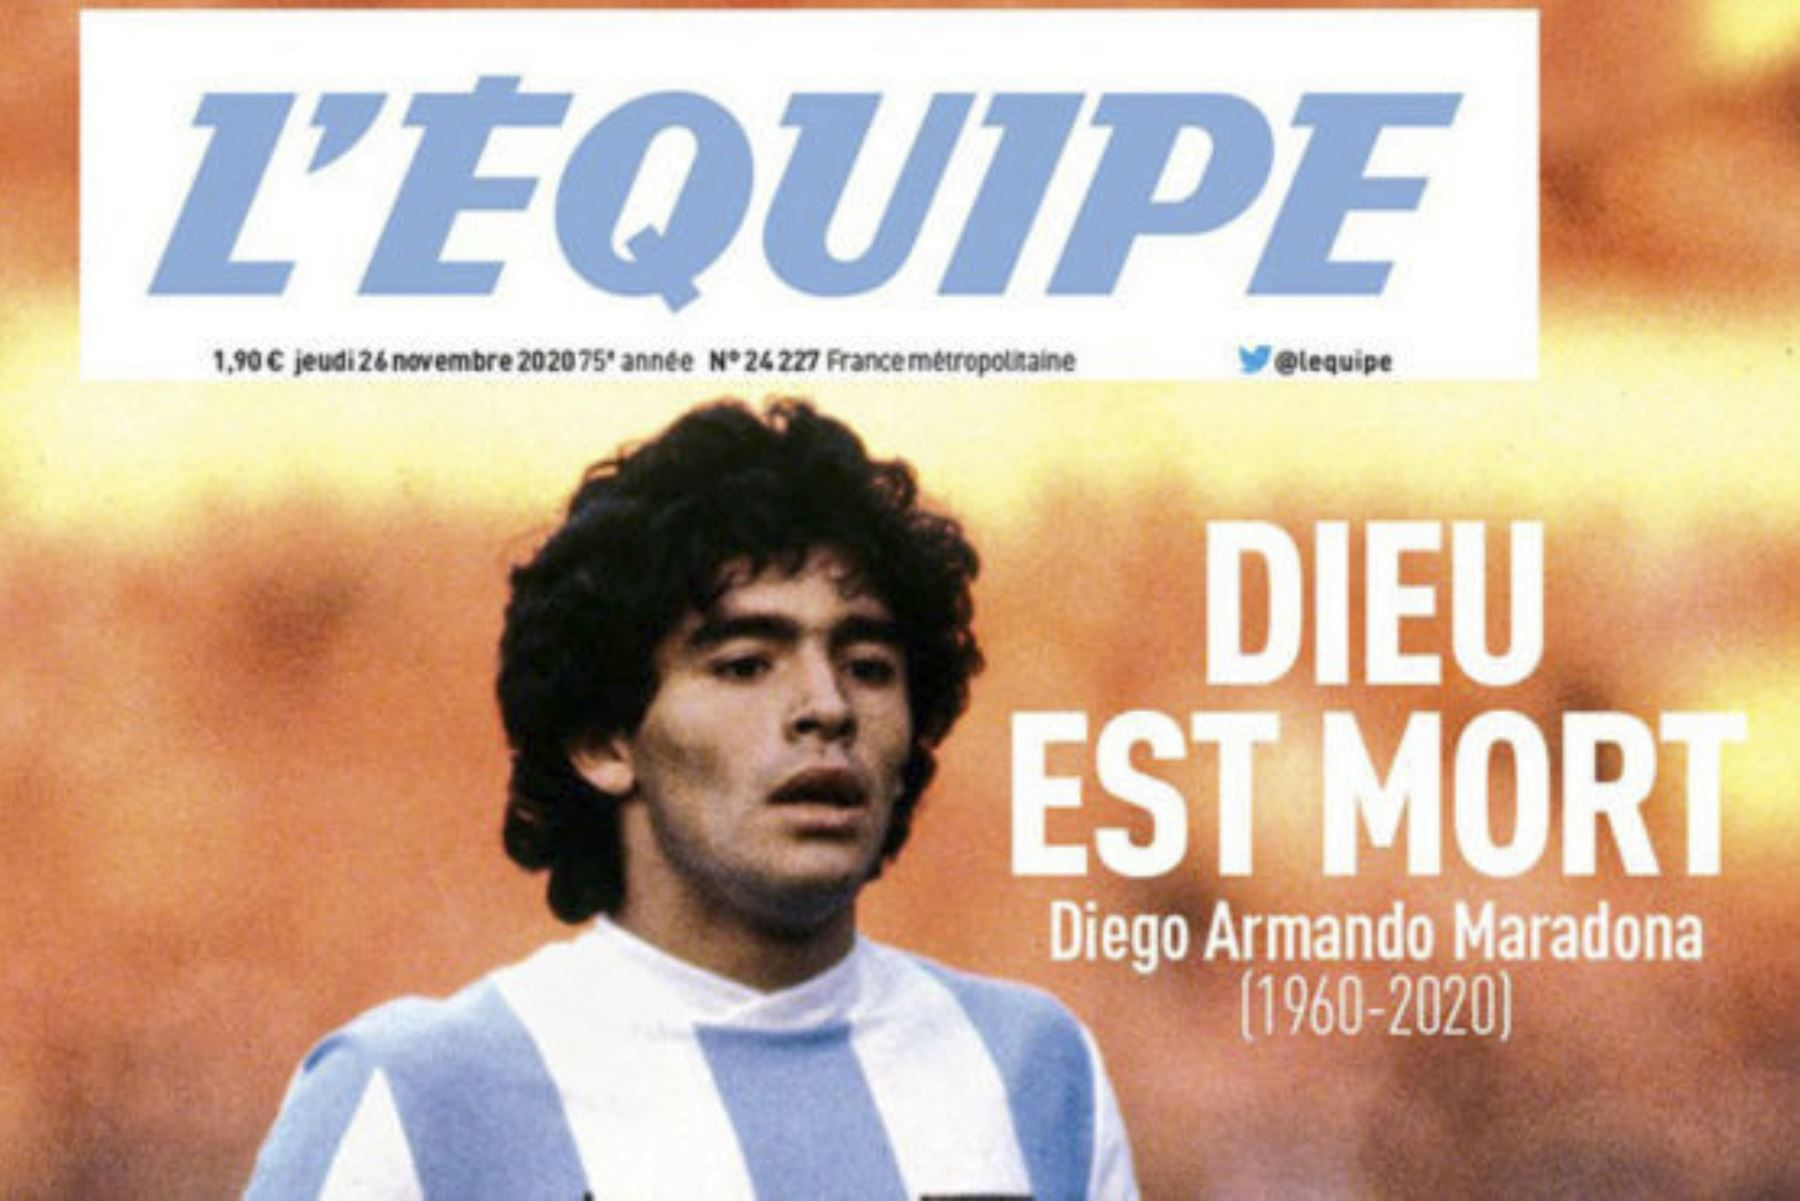 Así informa la prensa mundial la muerte de Diego Armando Maradona. L